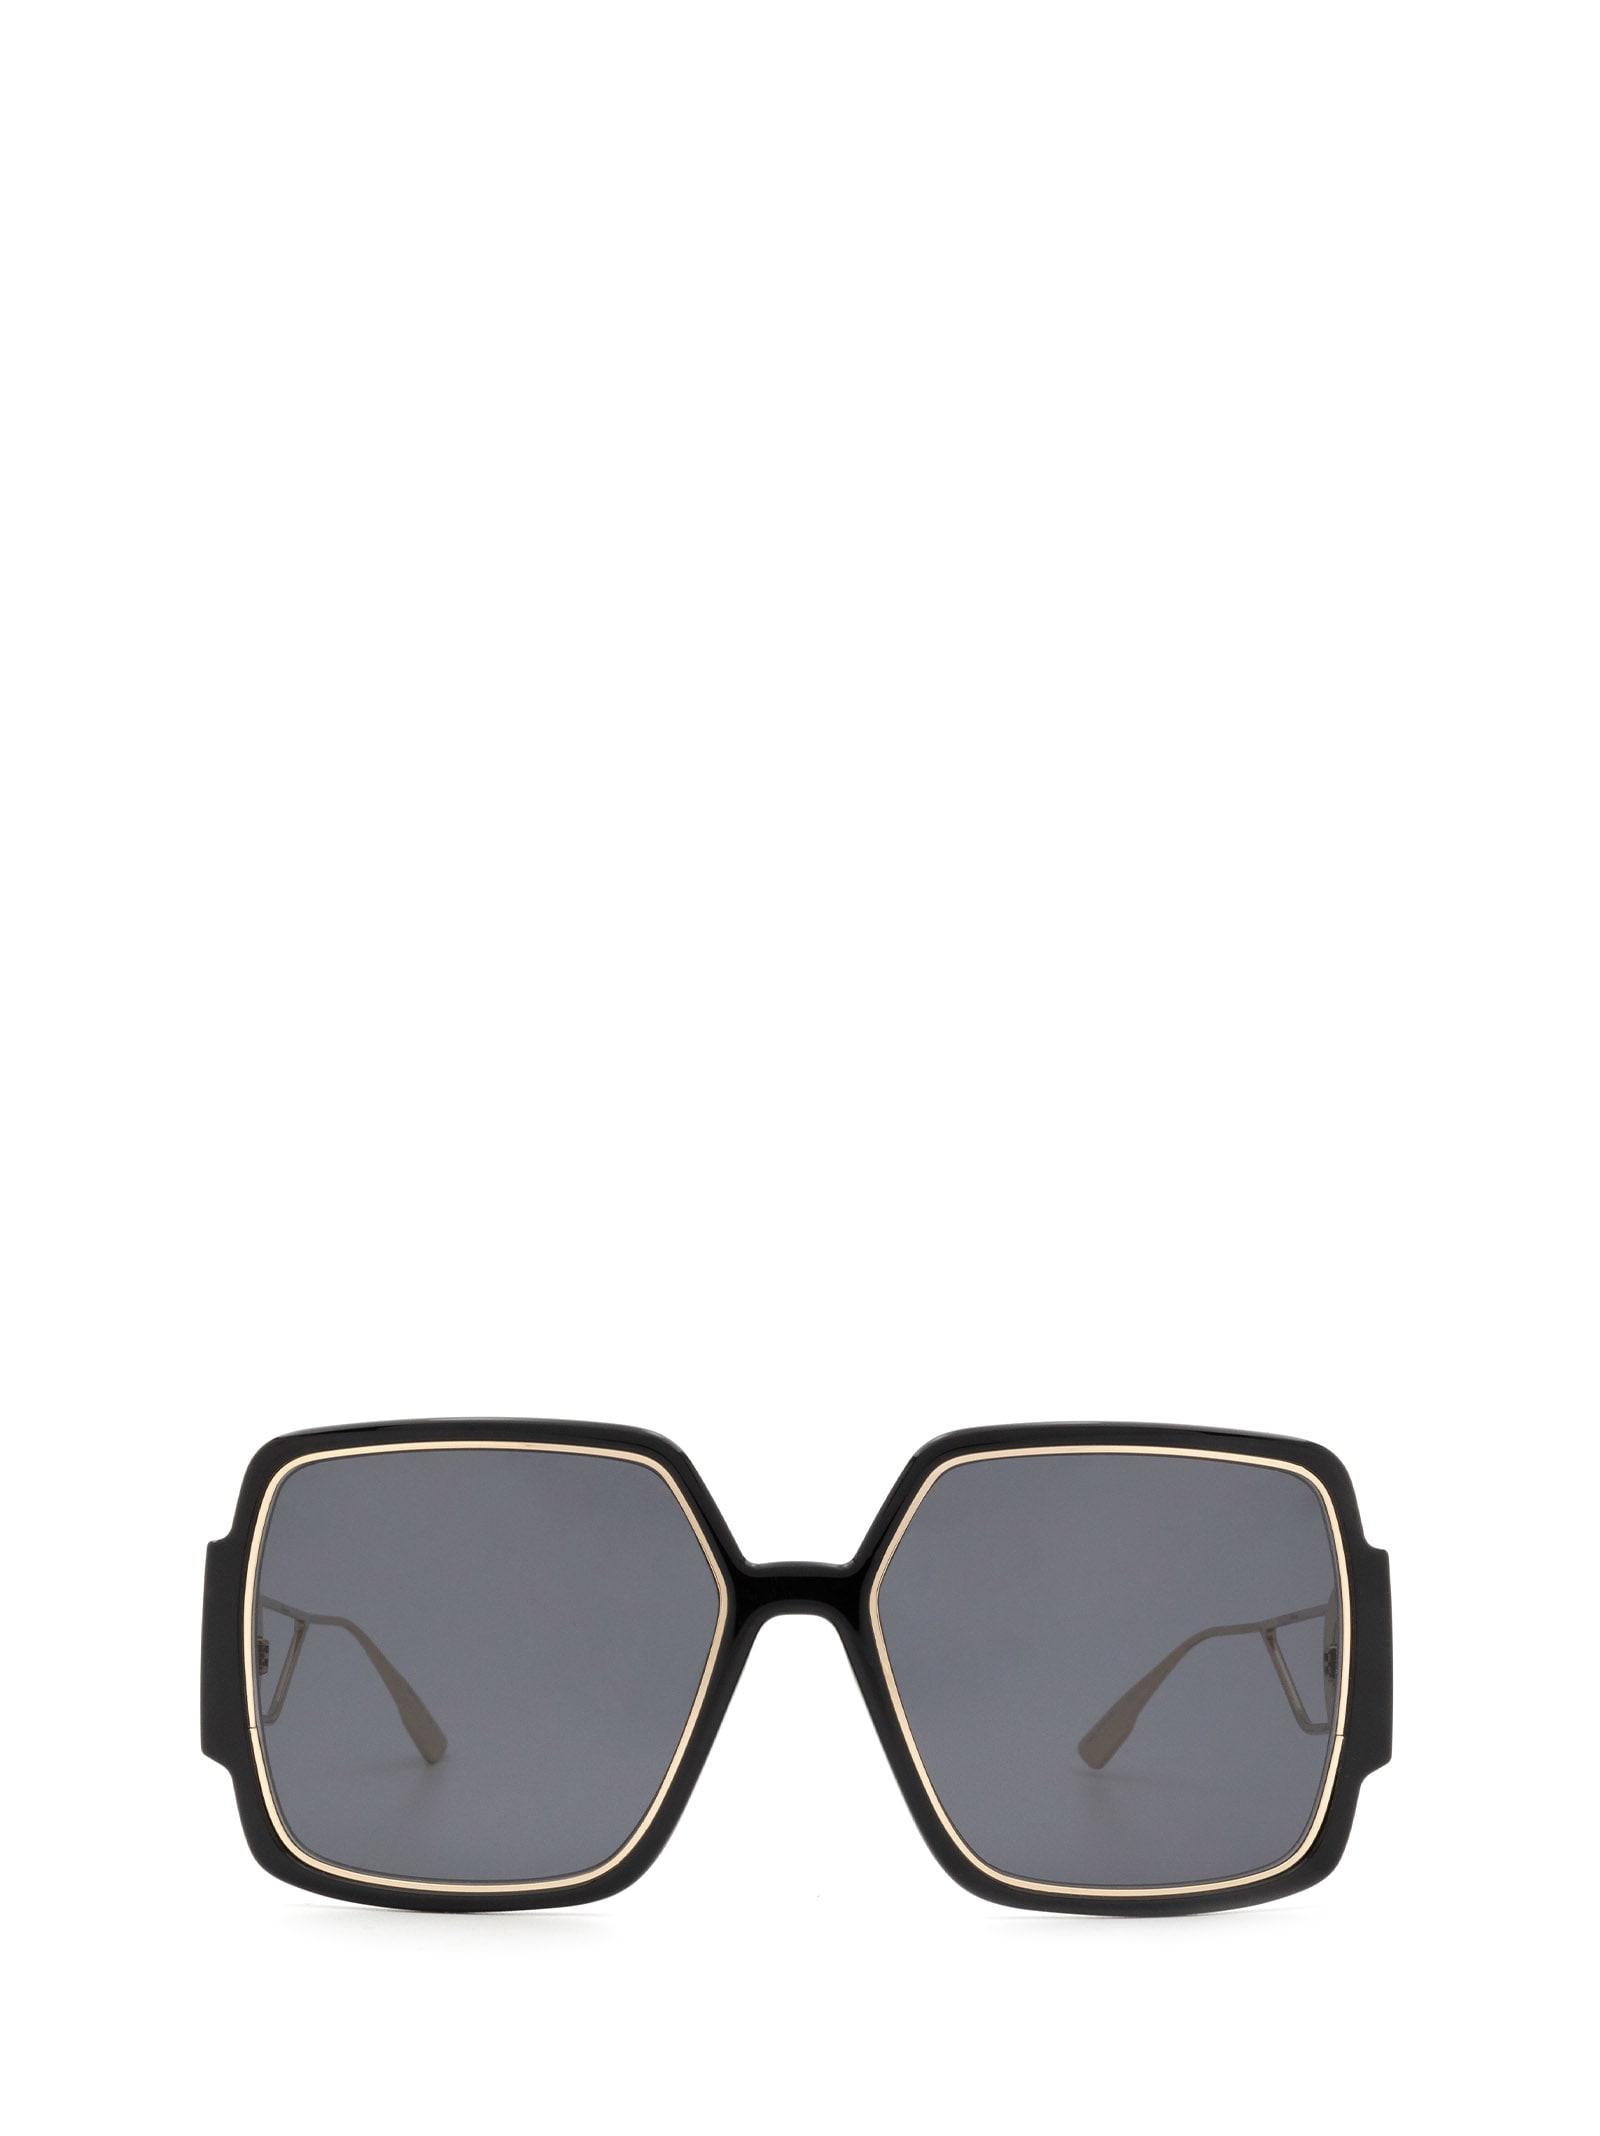 Dior Sunglasses 30MONTAIGNE2 BLACK GOLD SUNGLASSES